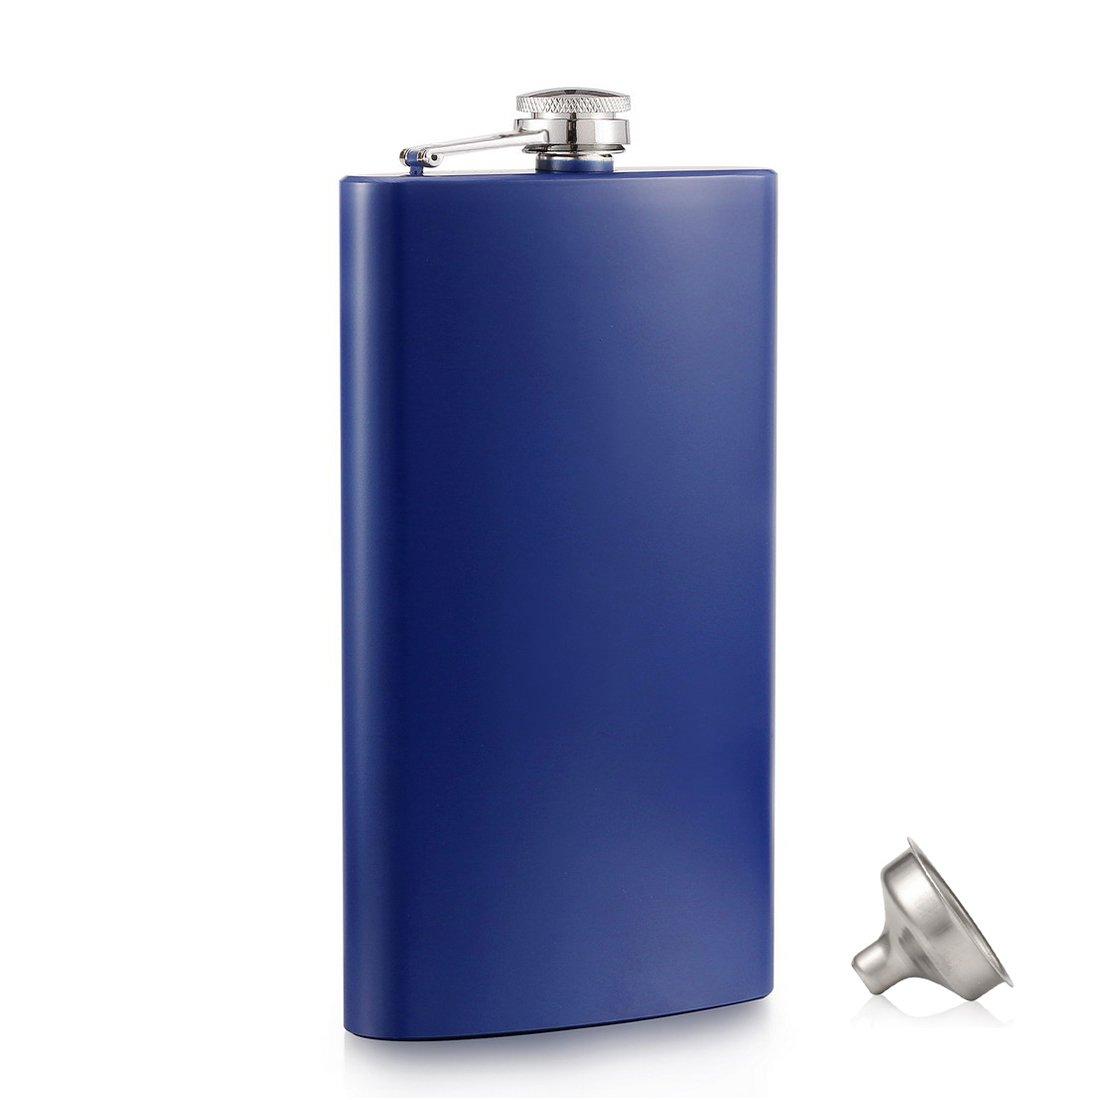 公式の  menghao 18/8ステンレススチールFlasks – withフリーポケットSliverヒップフラスコ漏斗 ブルー 12 OZ ブルー 12 Blue – B07DB35VN4, 扇子司 伊藤常:88382eda --- vezam.lt